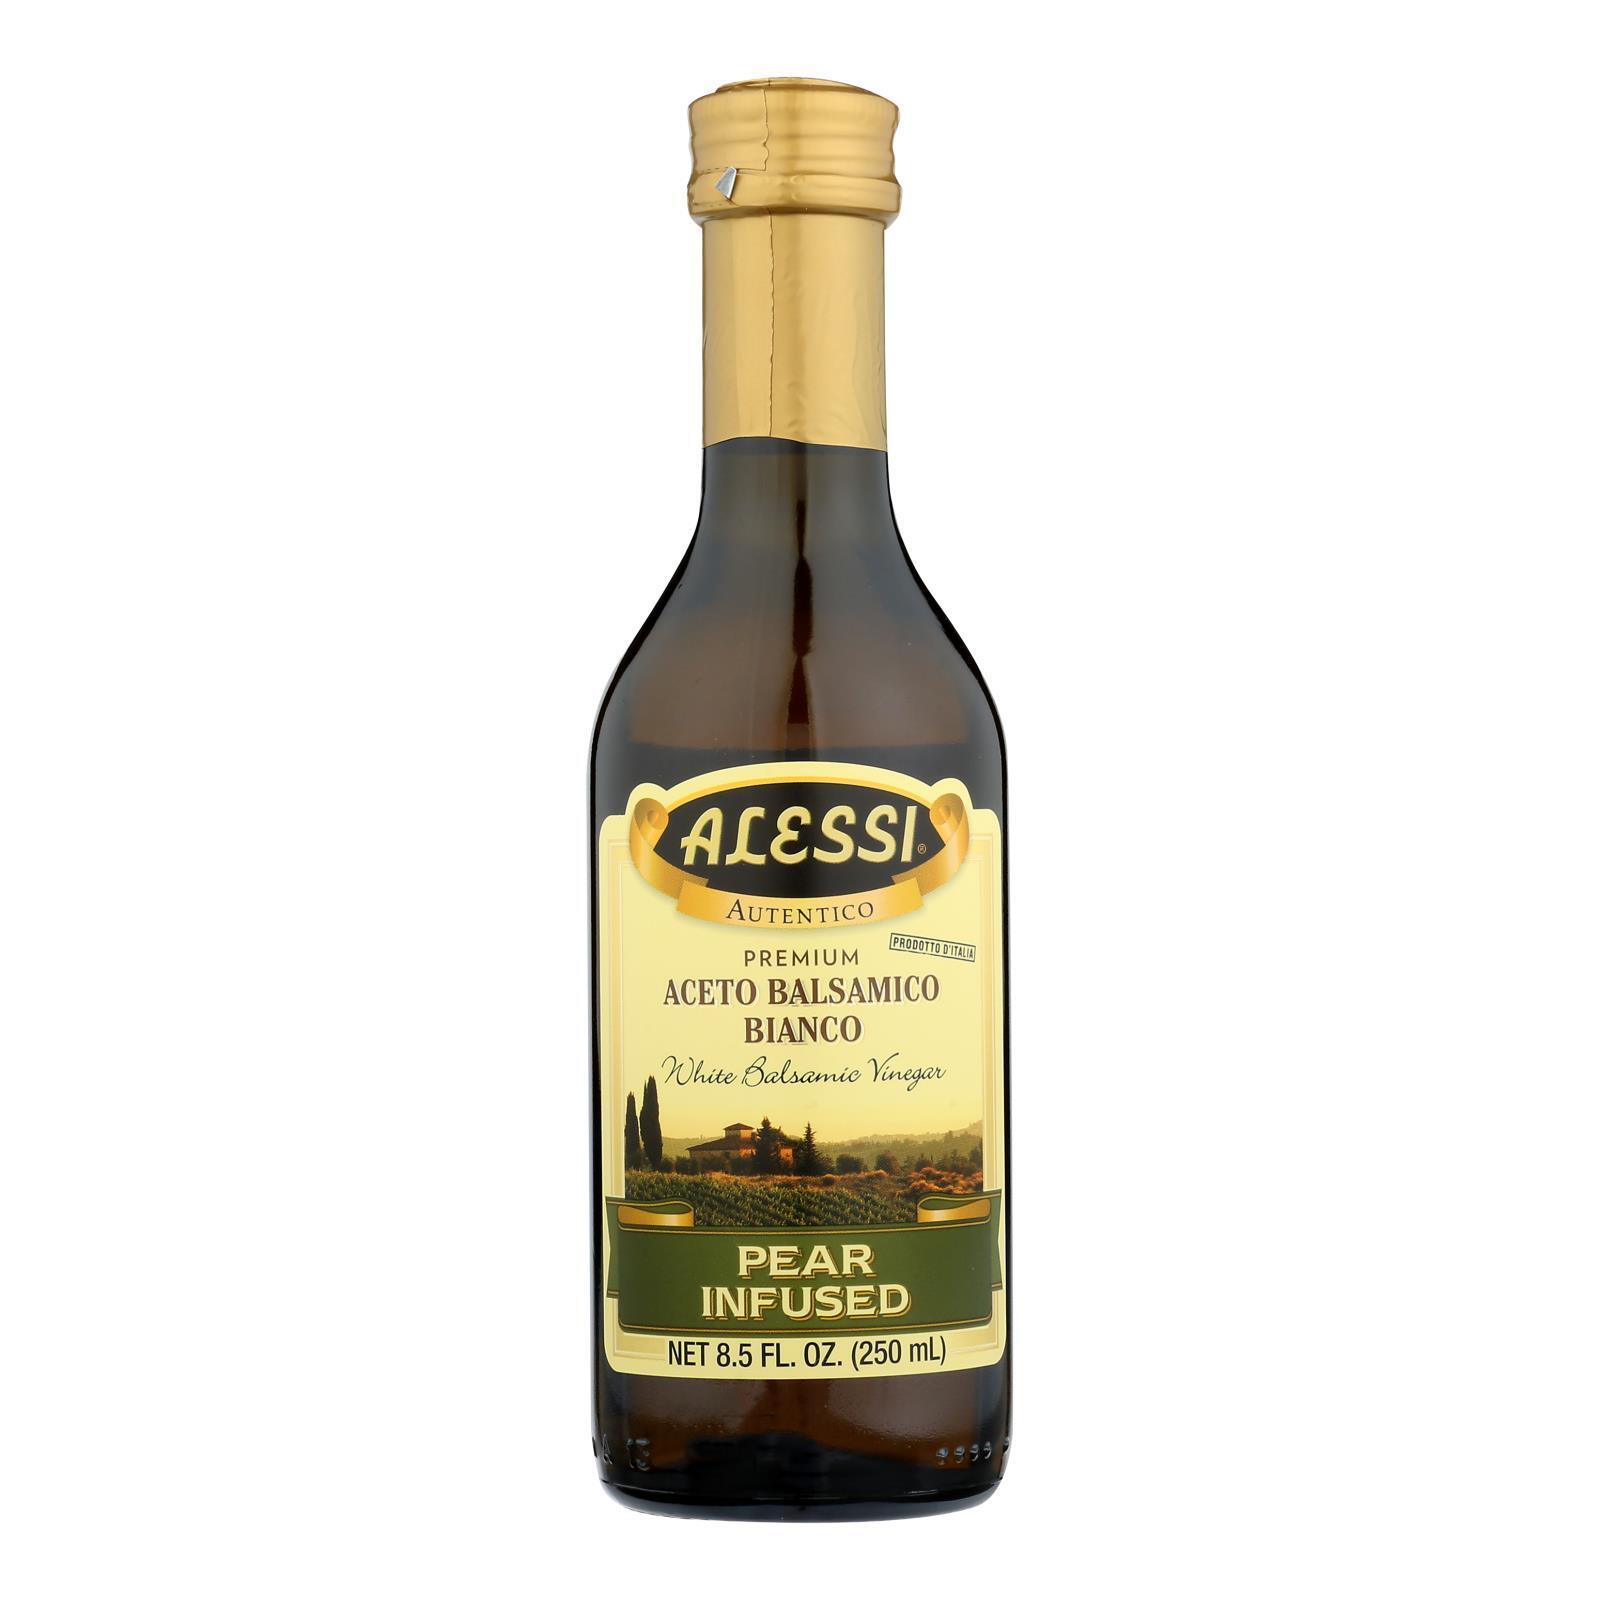 Alessi Pear Infused Vinegar - White Balsamic - Case of 6 - 8.5 FL oz.